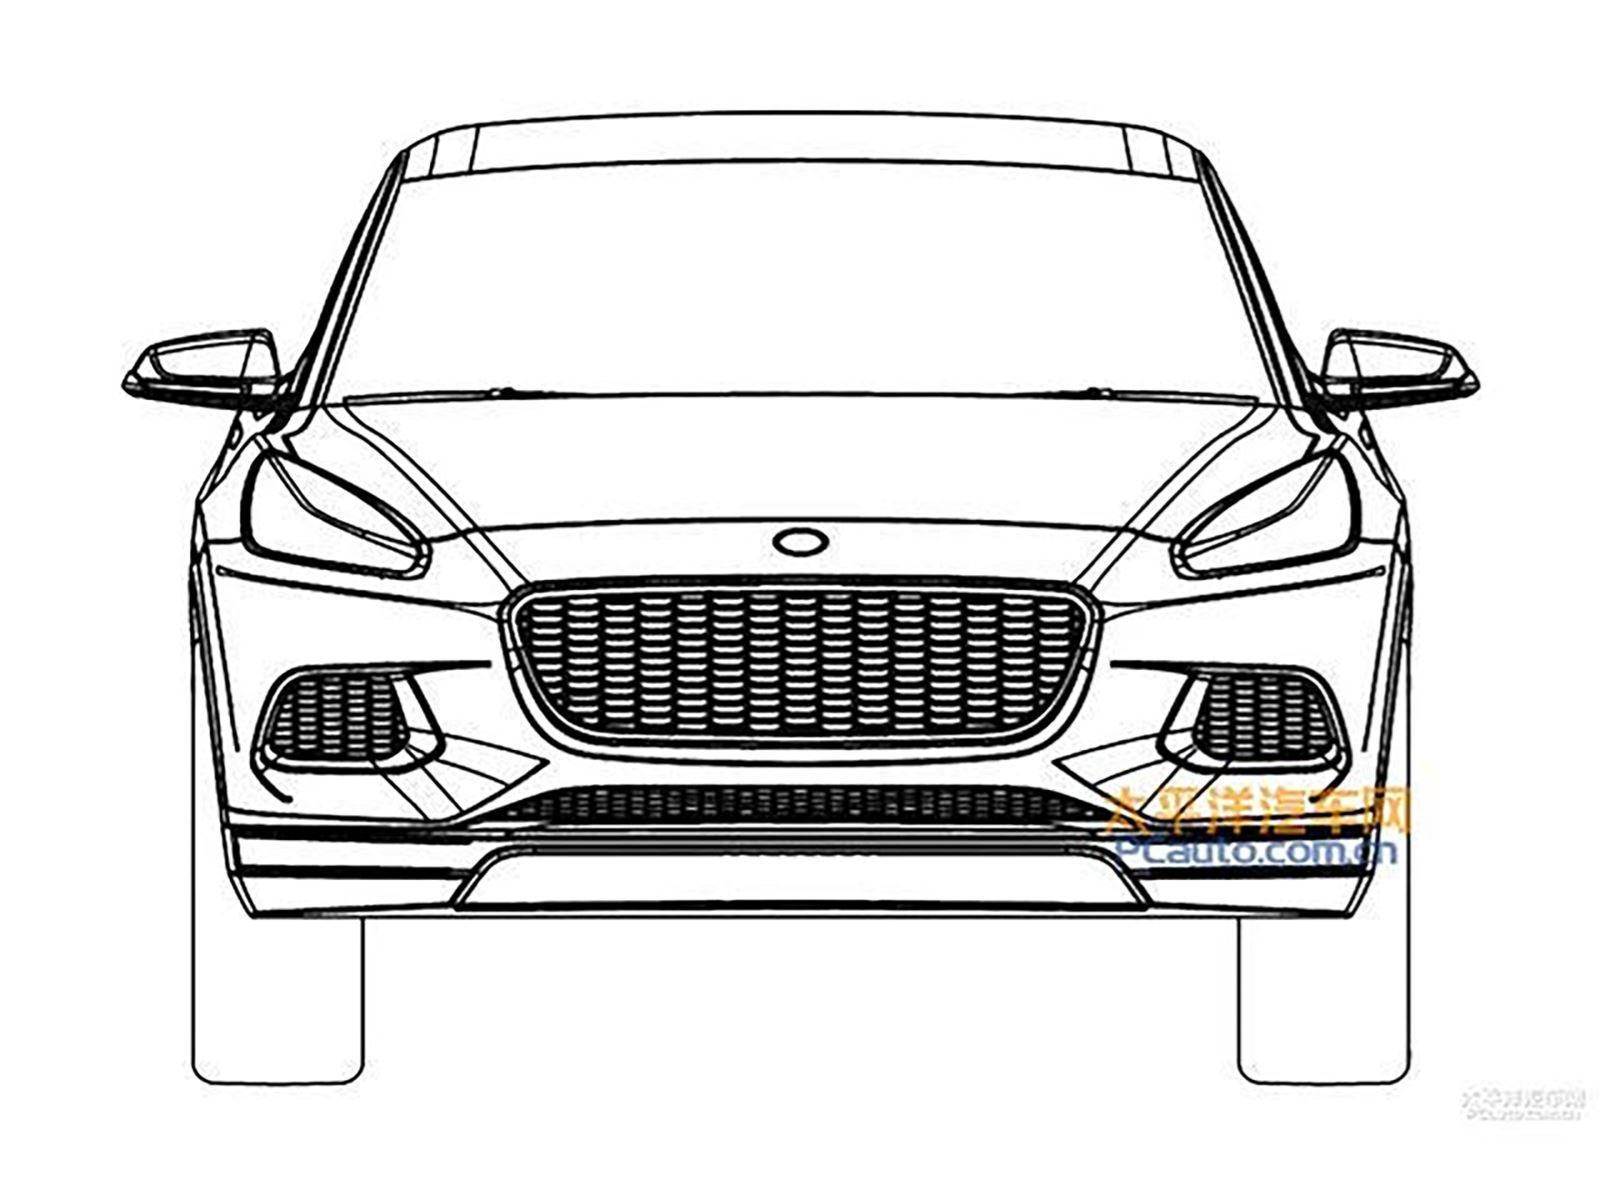 Этот внедорожник в стиле купе демонстрирует покатую линию крыши, которая стала чрезвычайно популярной сейчас, которая придает ему стильные пропорции, но, вероятно, влияет на пассажирское и грузовое пространство.